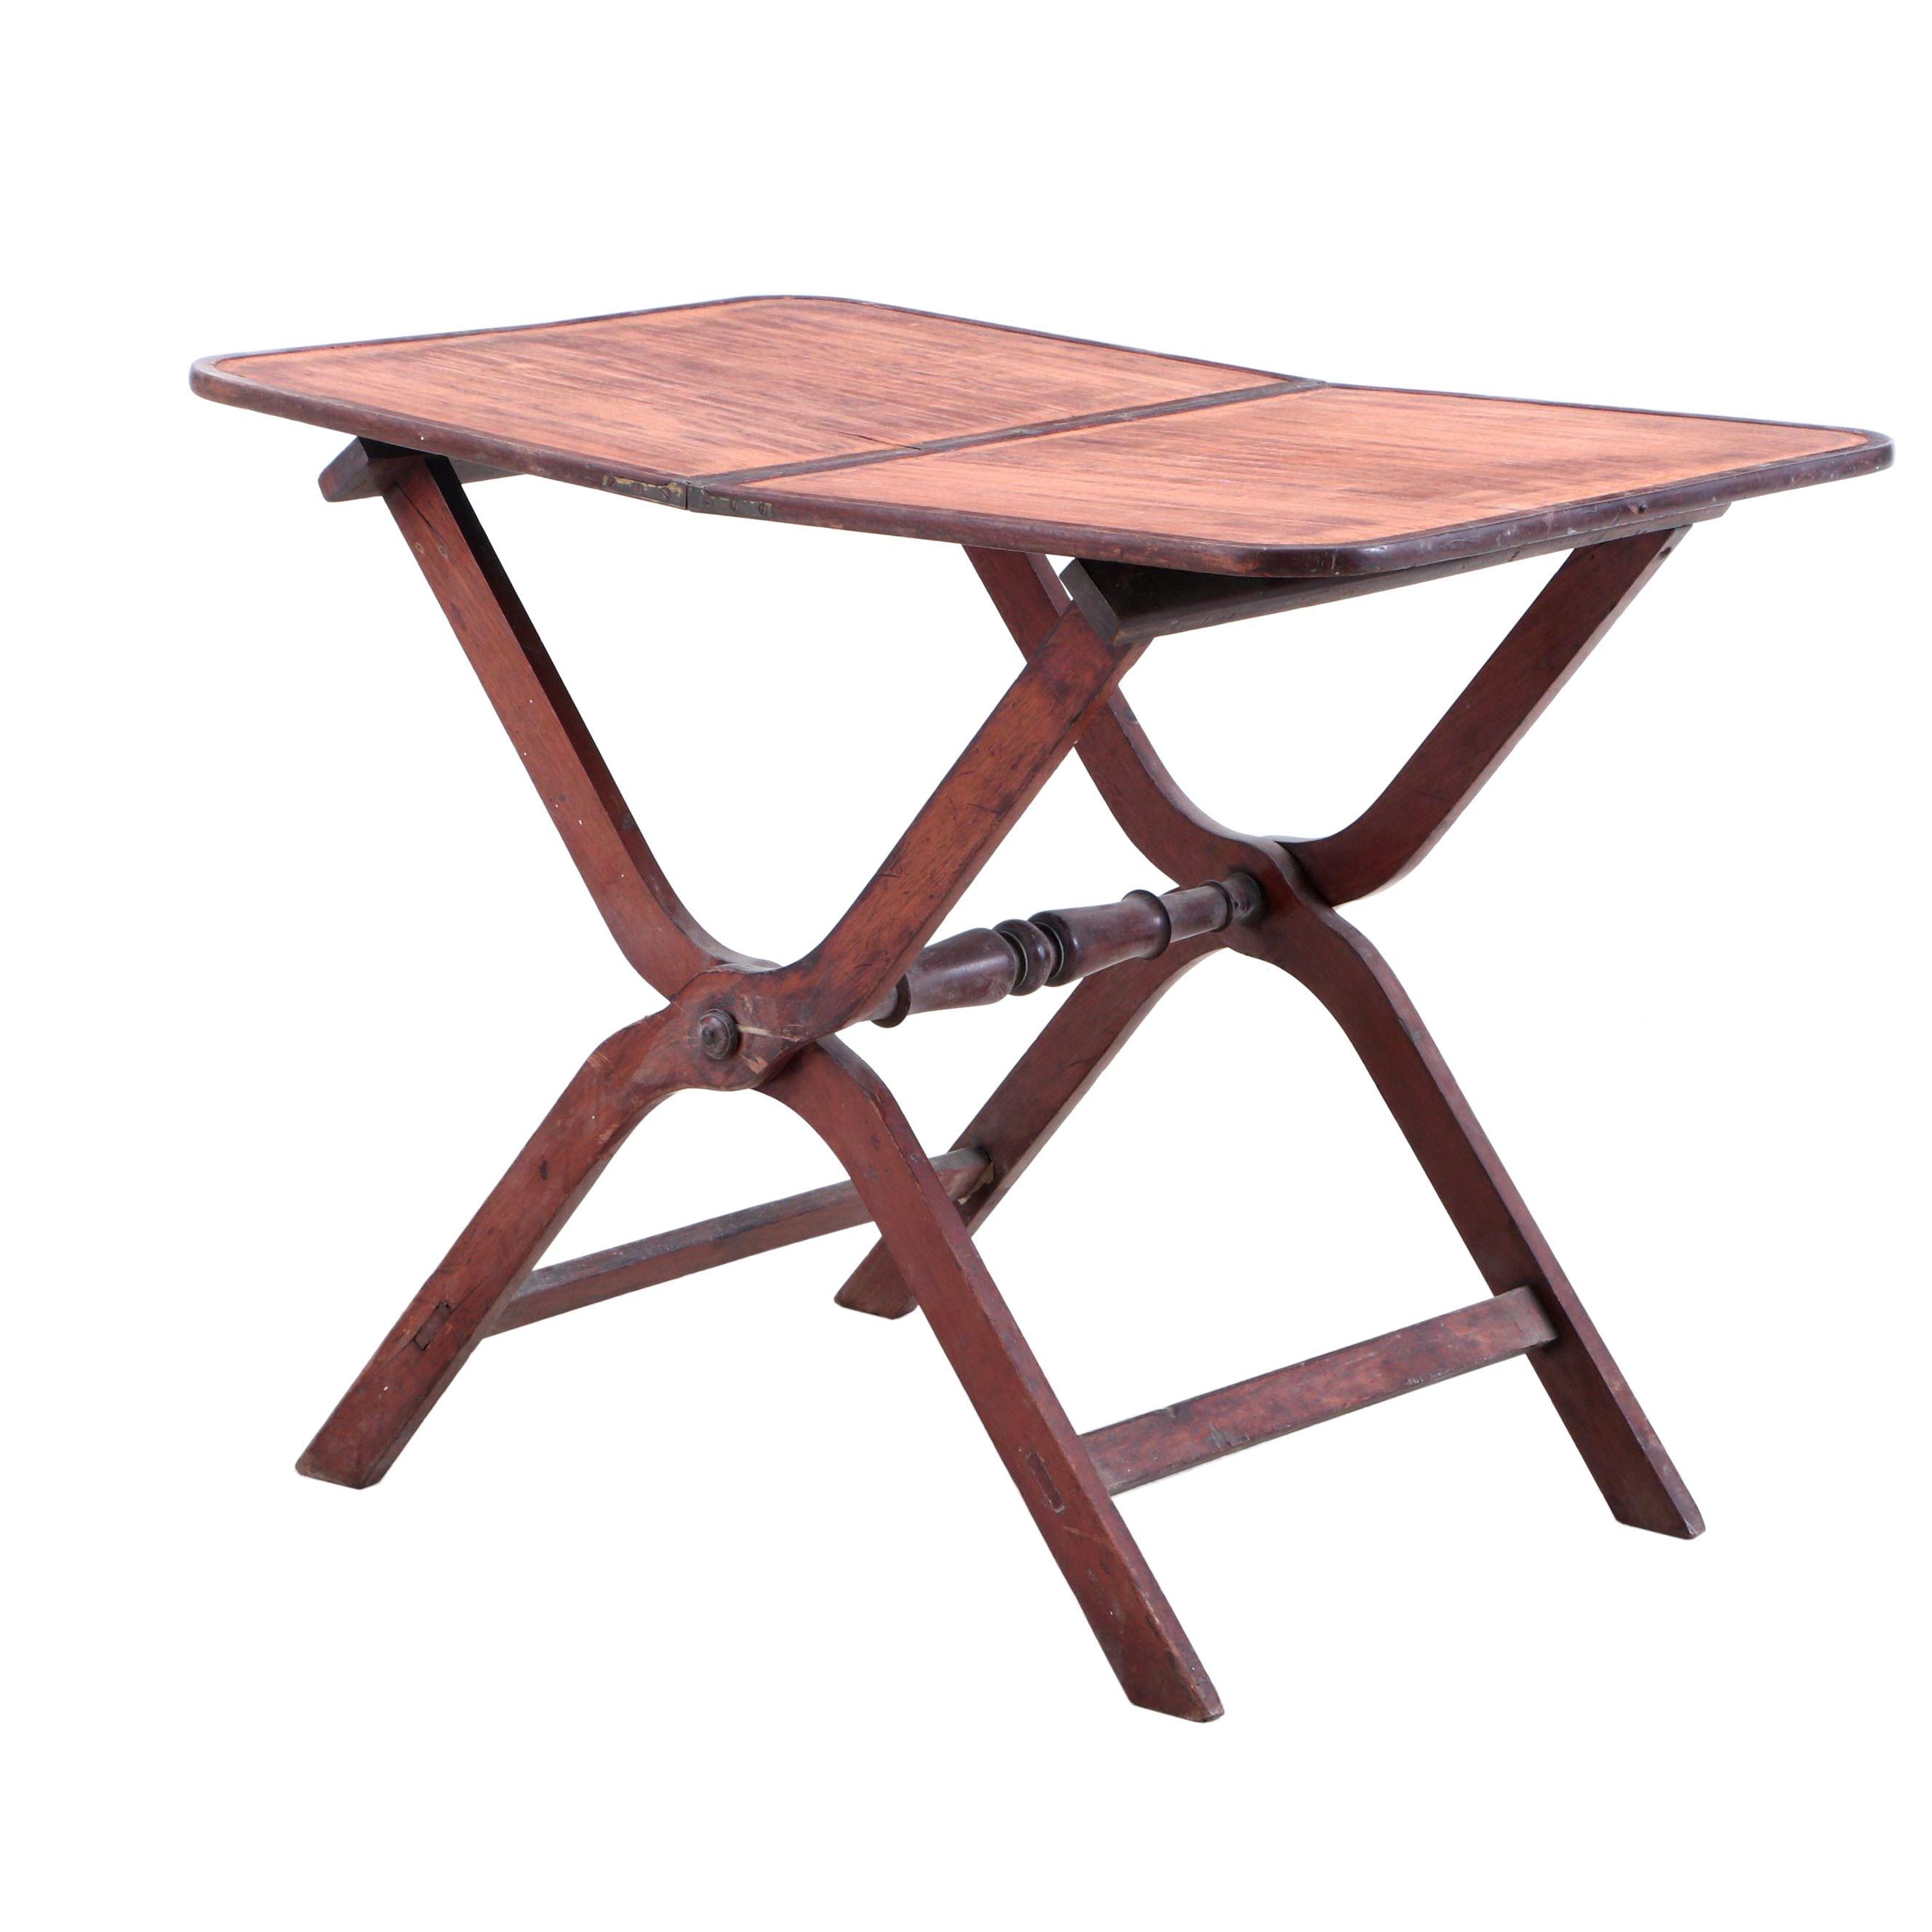 William IV Mahogany Folding Table, Early 19th Century